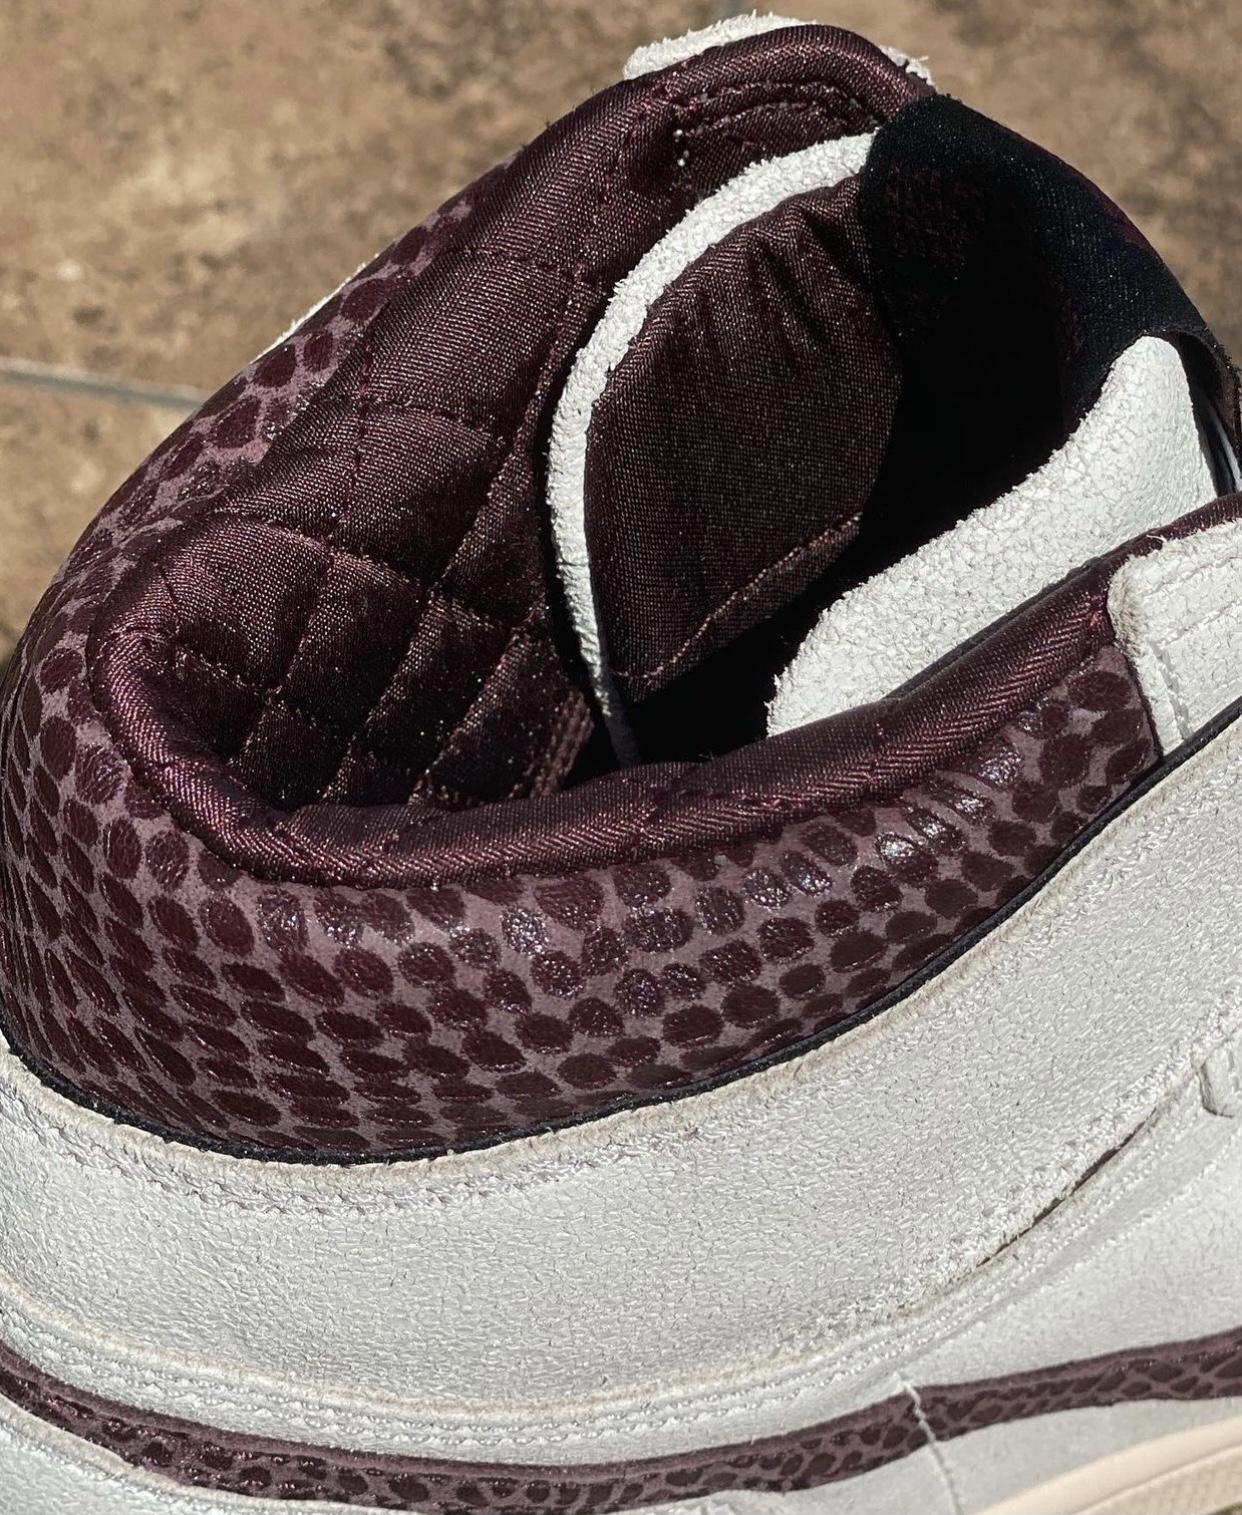 A Ma Maniere Air Jordan 1 High Release Date Price